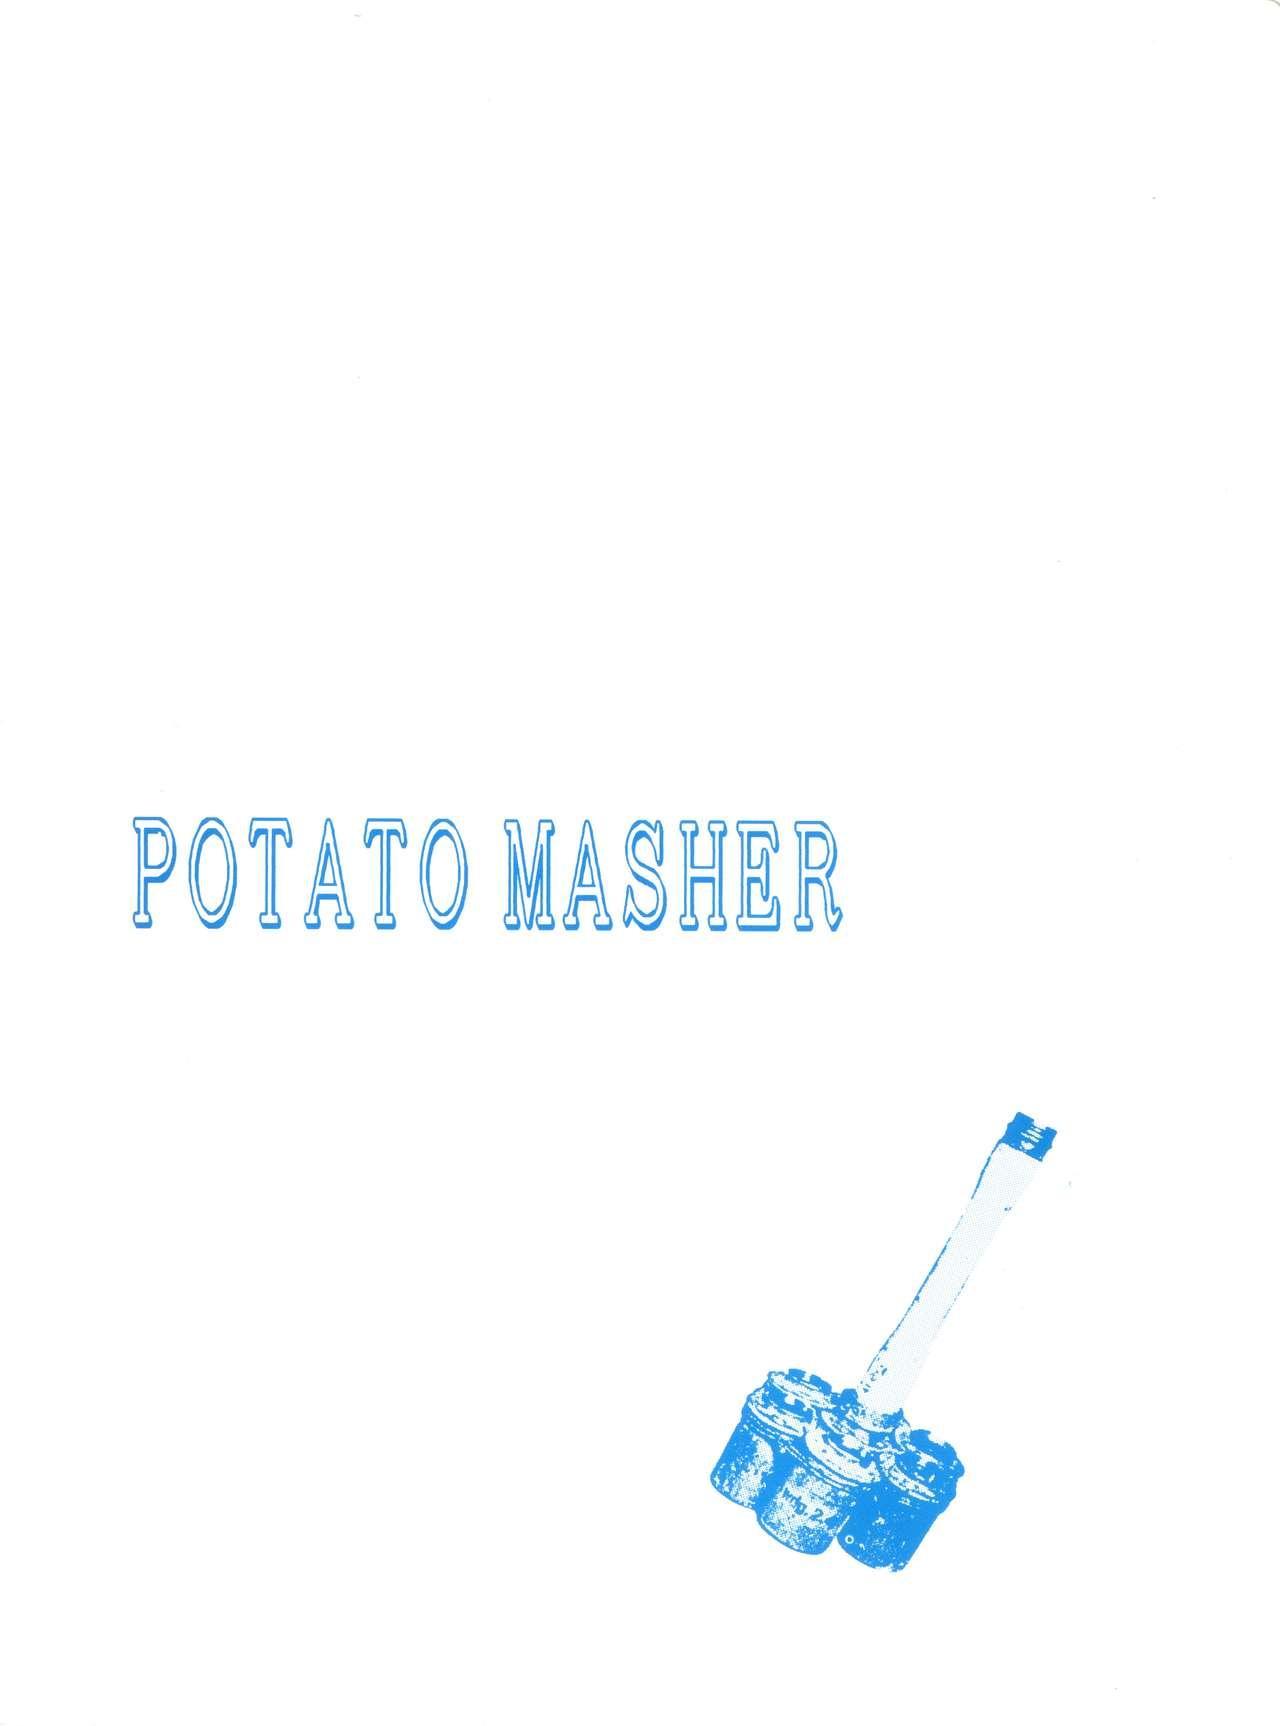 POTATO MASHER Vol. 2 49